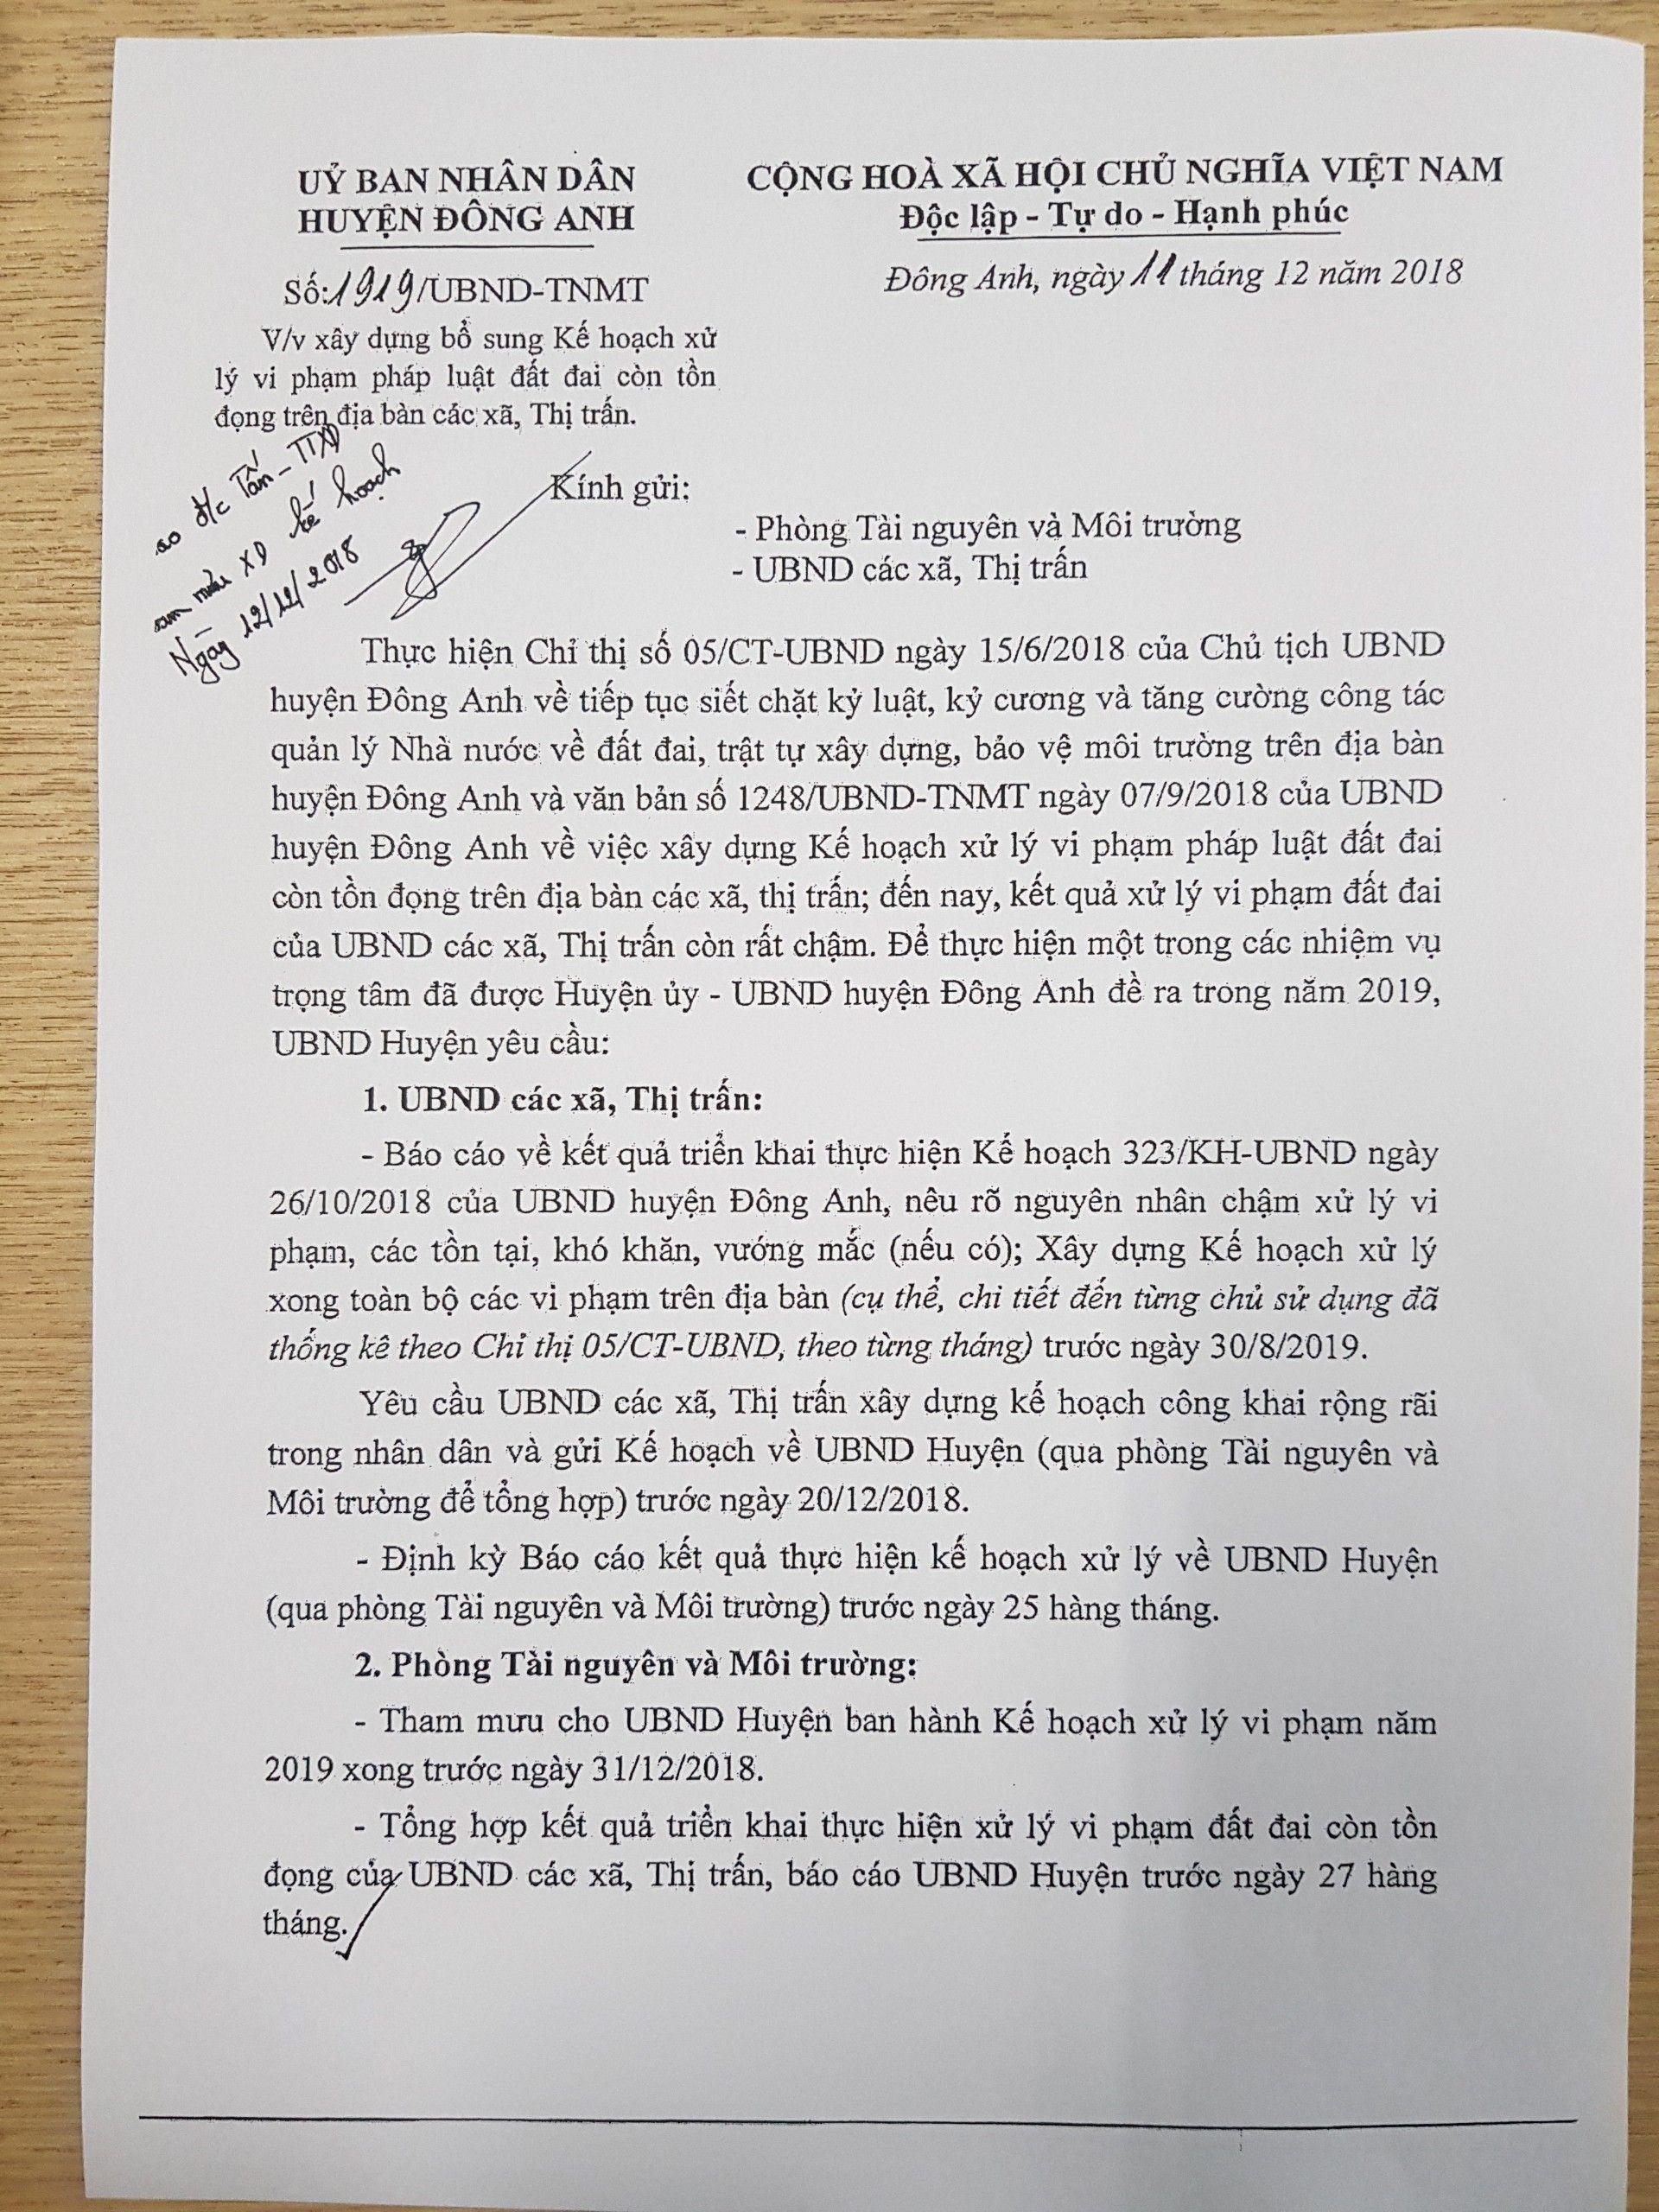 UBND huyện Đông Anh đã có chỉ đạo xử lý đến hết 30/8/2019